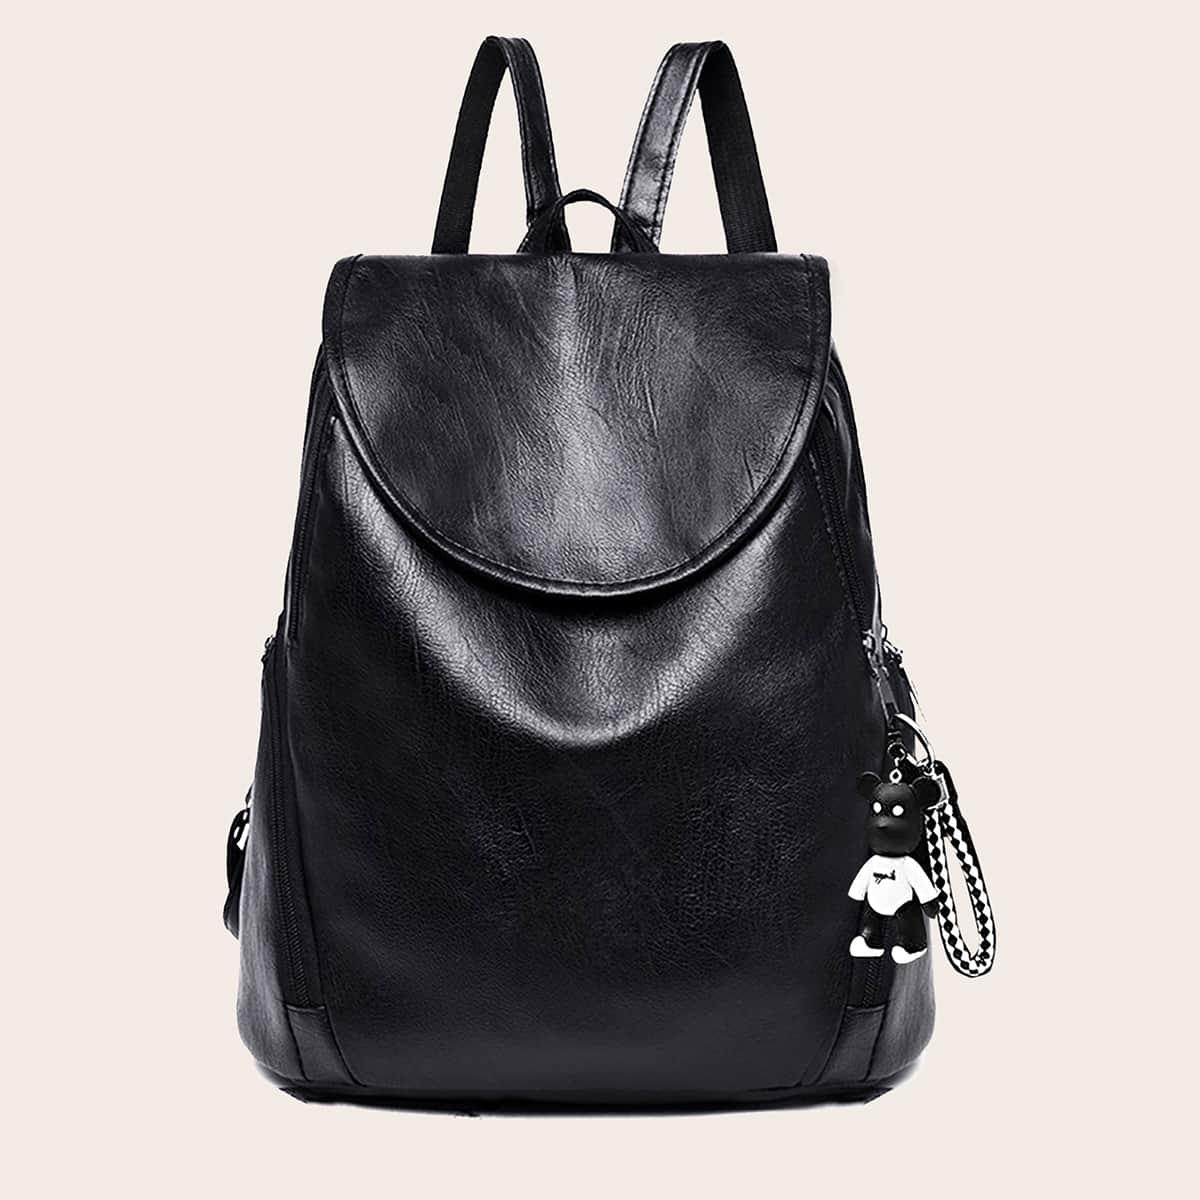 Минималистский рюкзак с подвеской для сумки